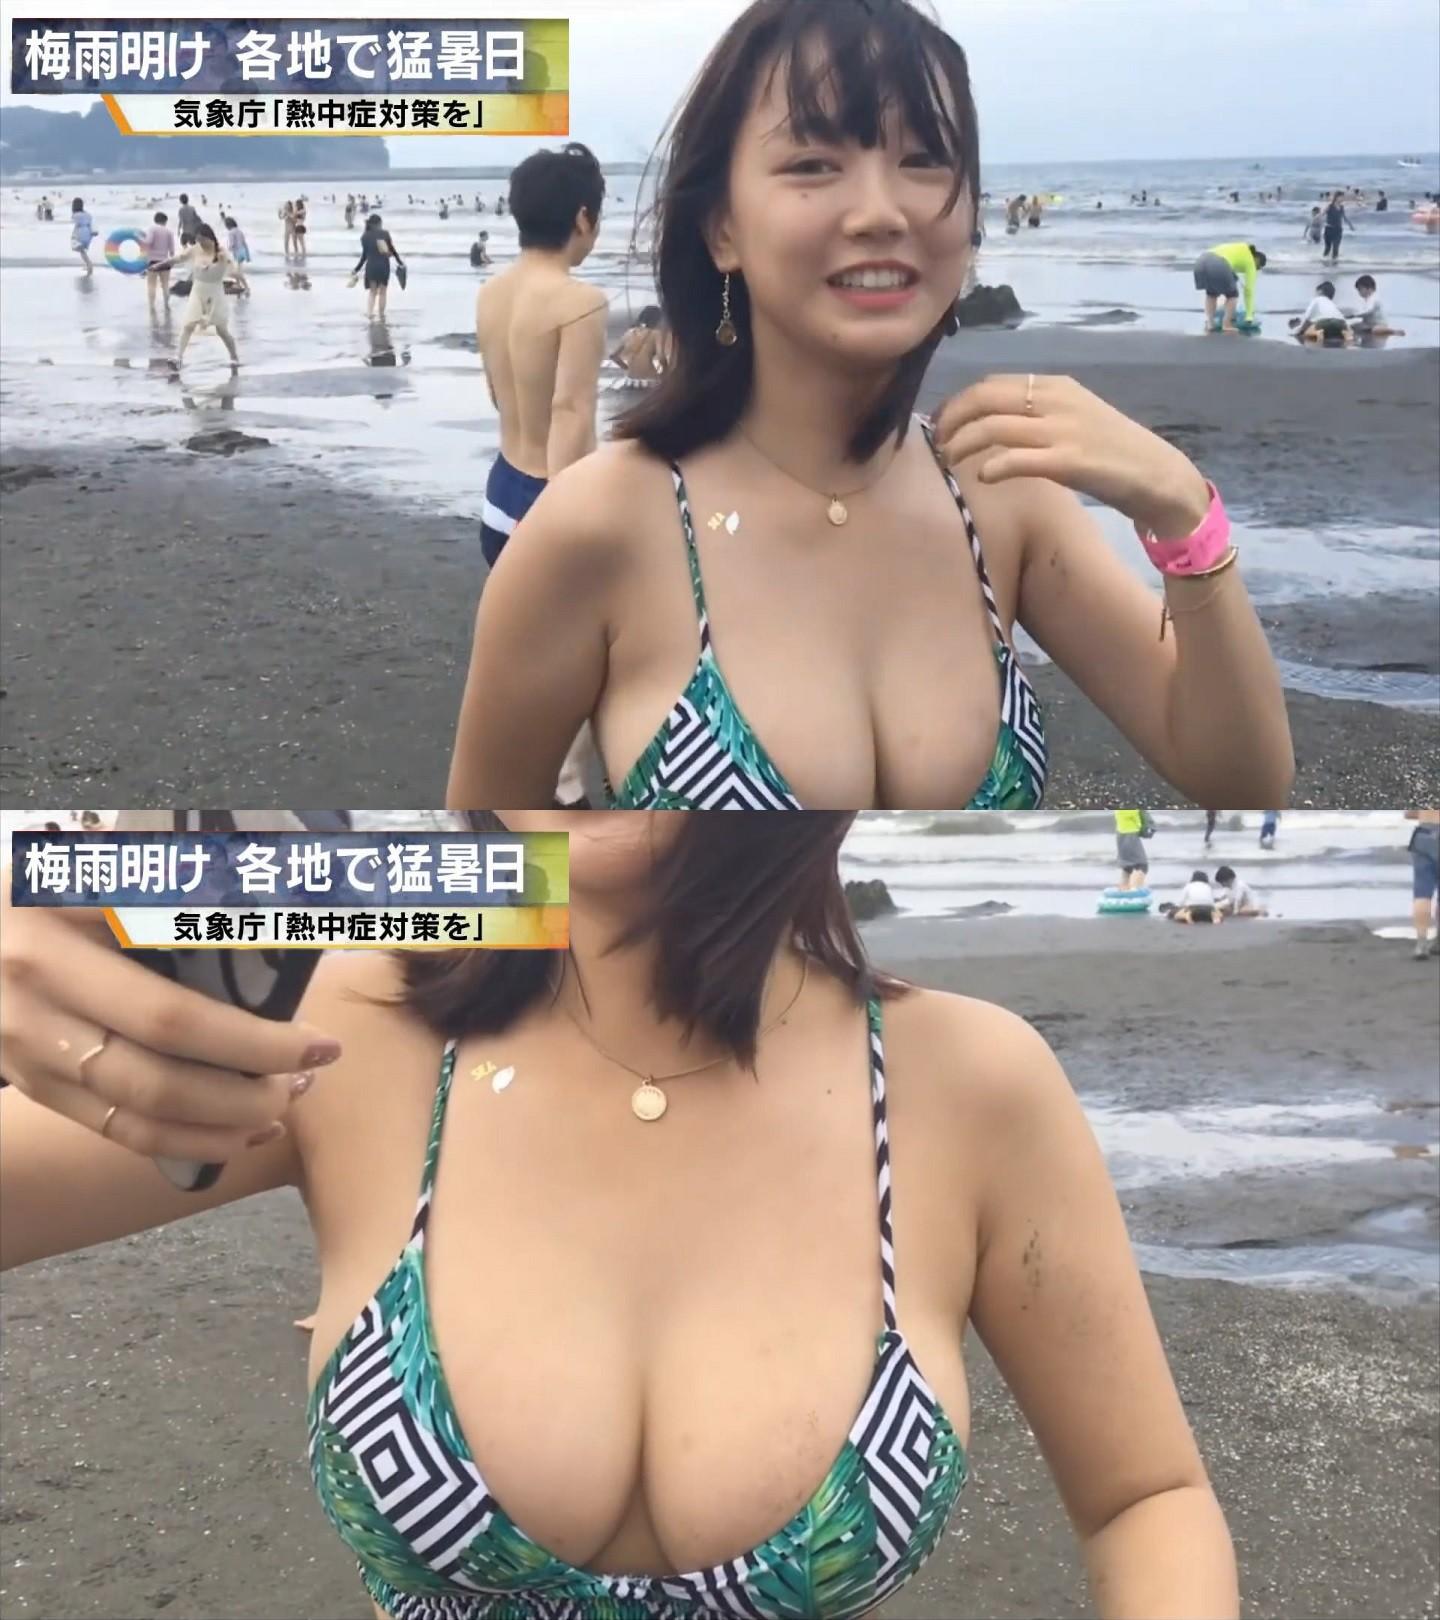 【画像】NHK、爆乳JKを映してしまう